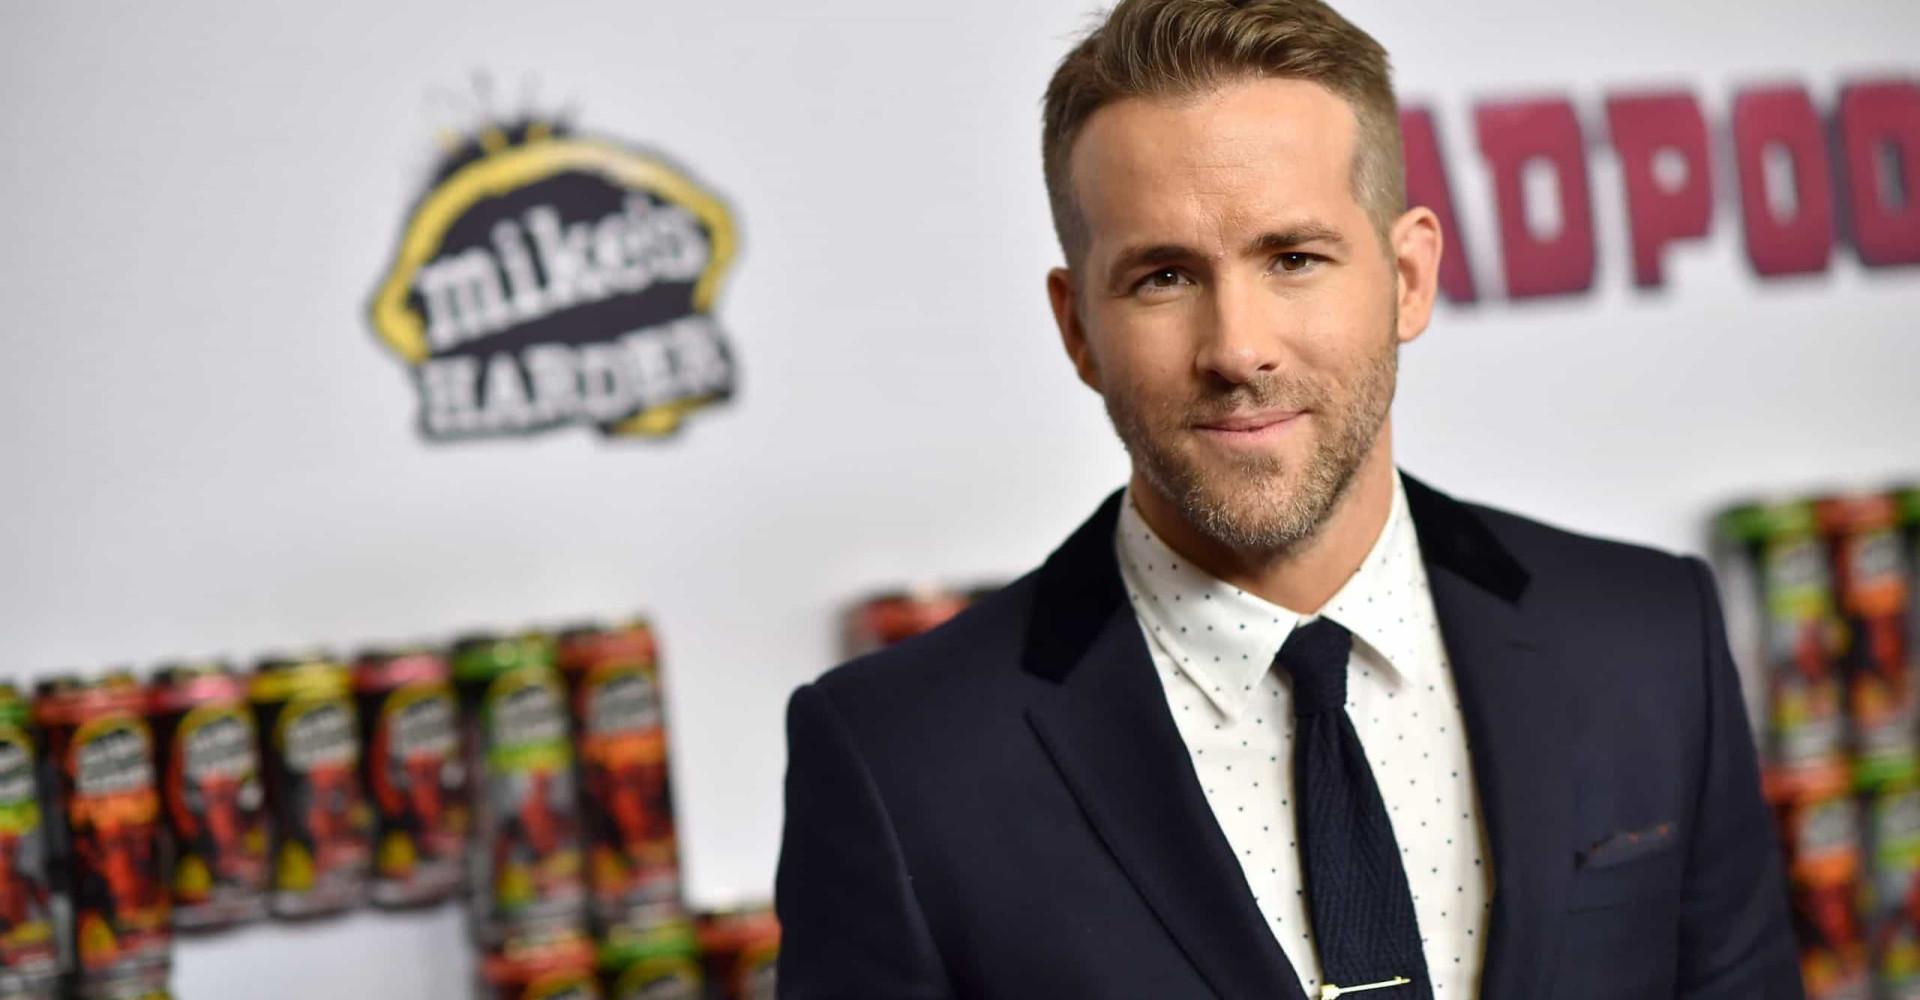 Ryan Reynoldsin uran suvantovaiheet ja huippukohdat